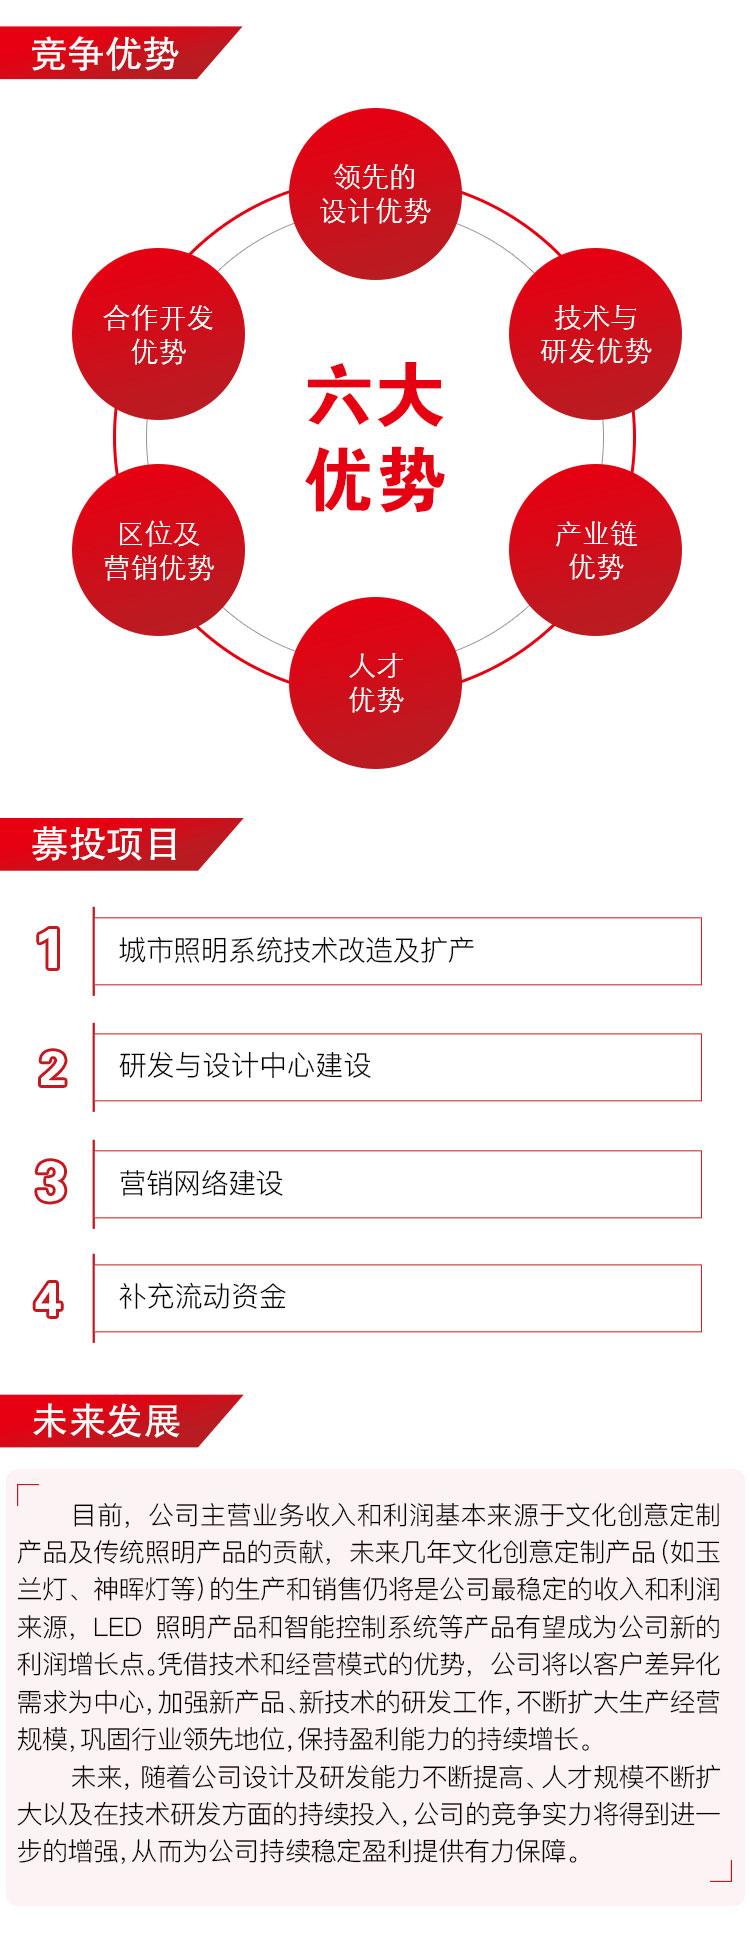 华体照明-上市海报_04.jpg